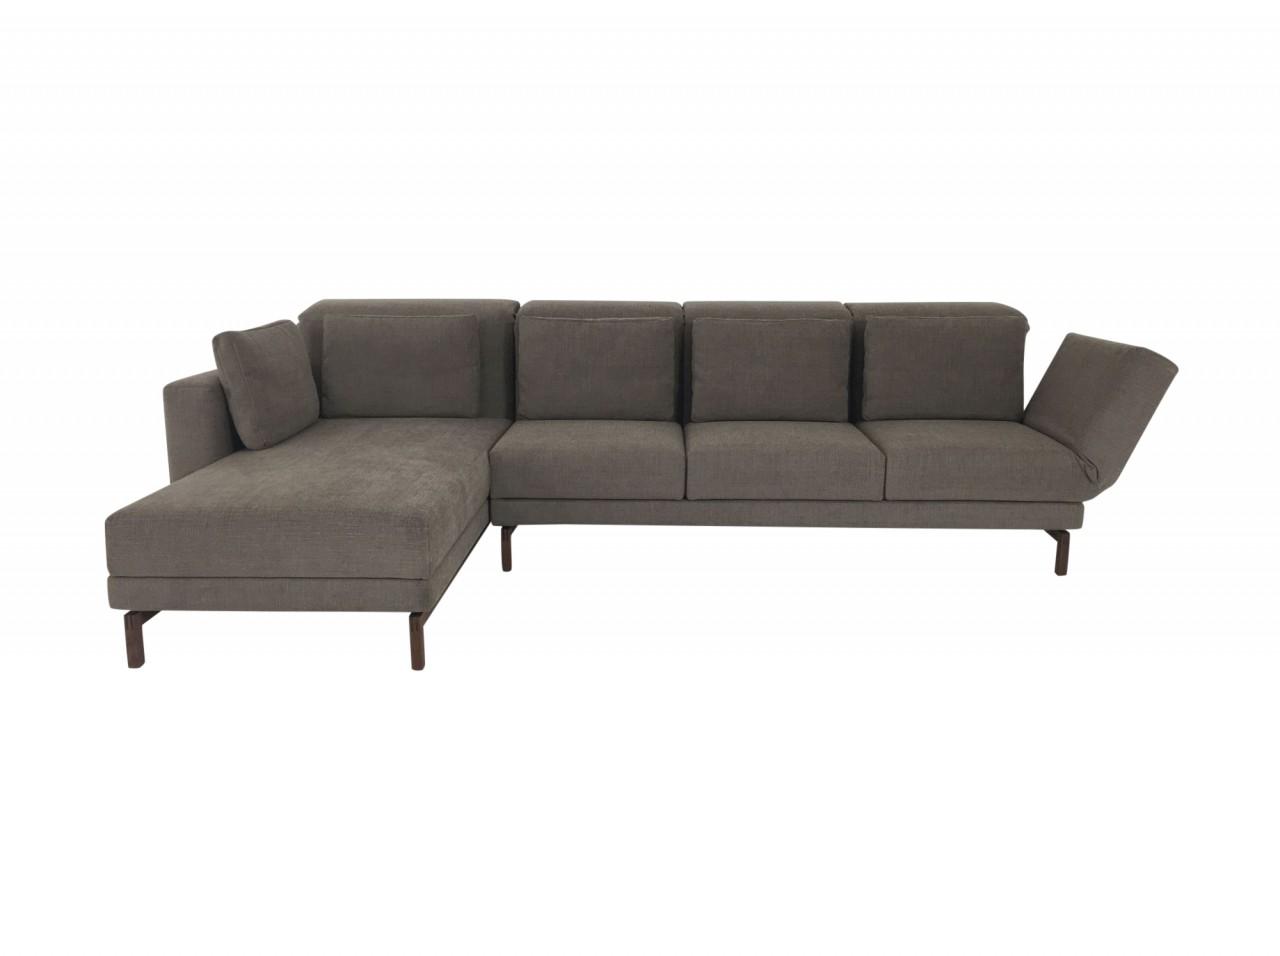 Brühl MOULE SMALL Sofa 3 mit Recamiere in Stoff braungrau und Drehsitz  rechts